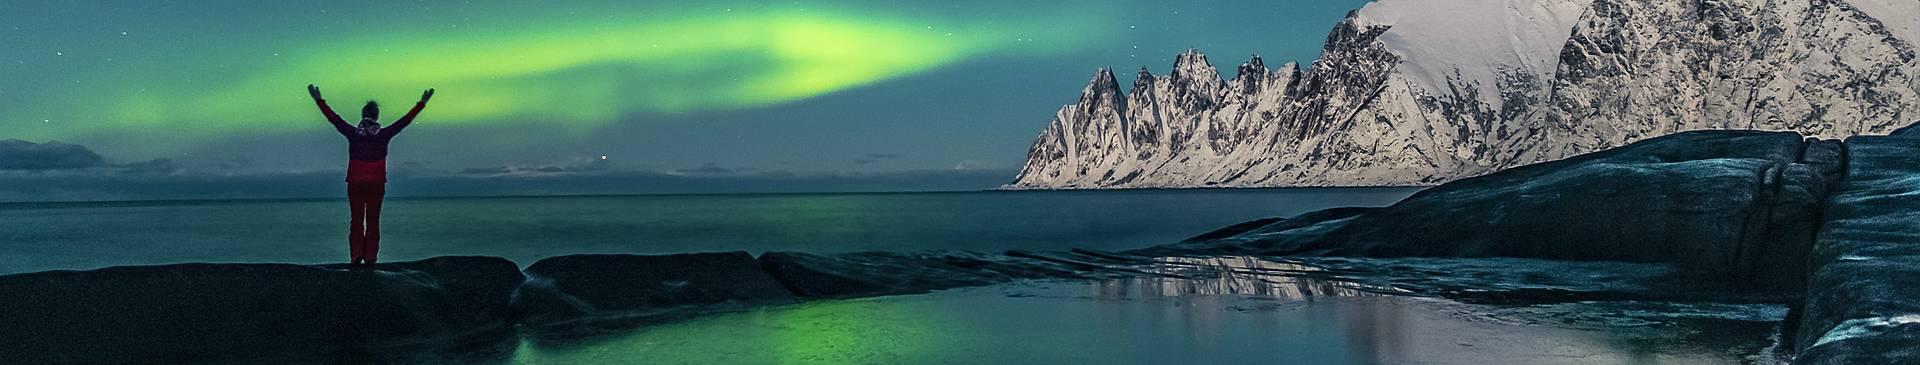 Circuits Aurore boréale en Norvège